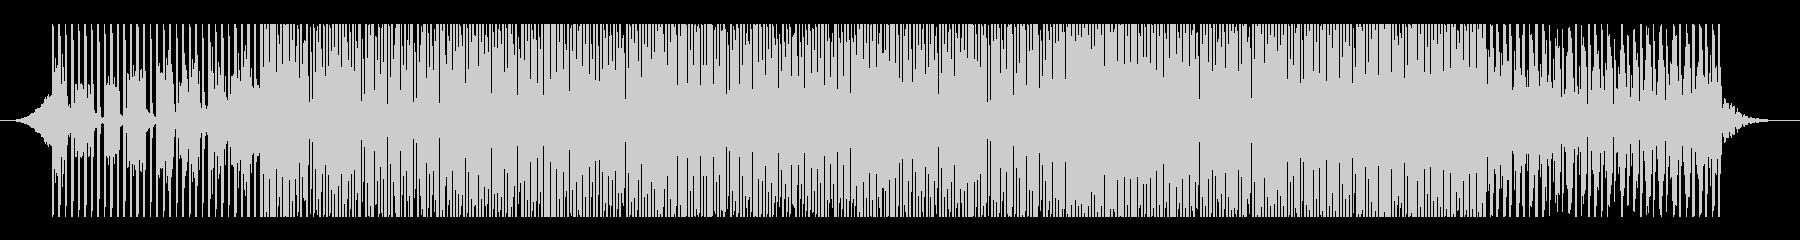 ファッショナブルの未再生の波形